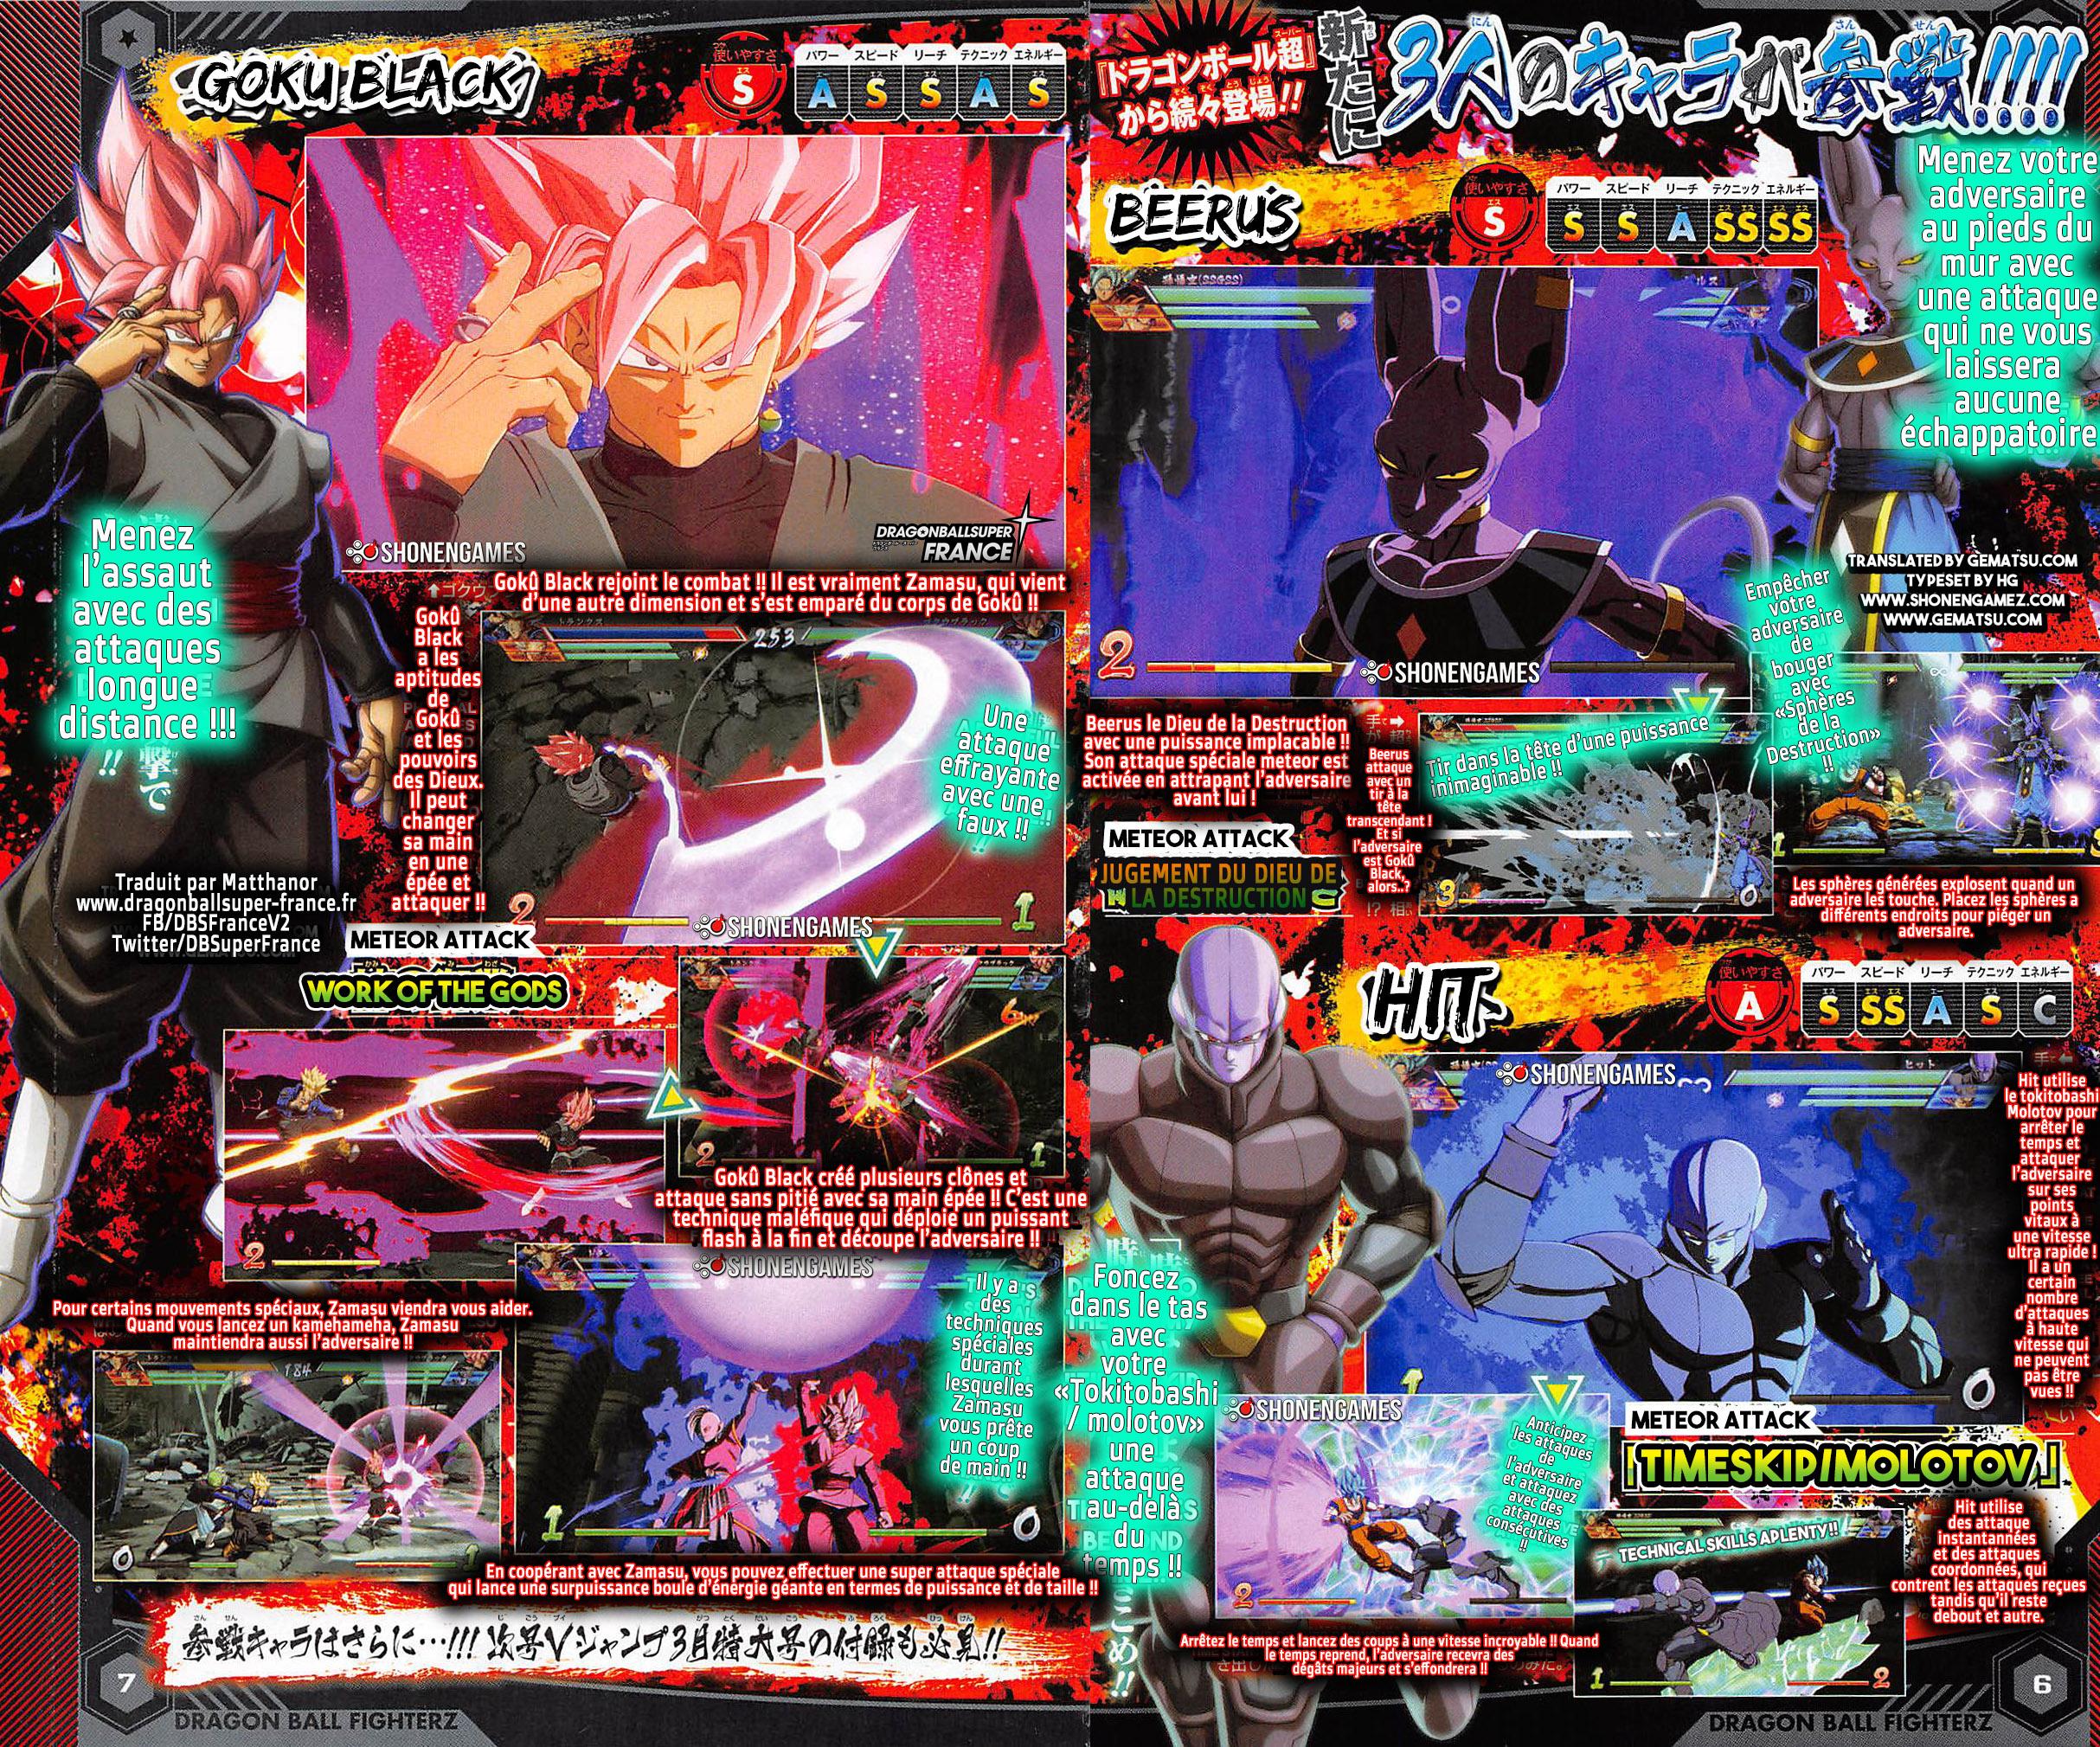 Gokû Black, Hit et Beerus annoncés dans Dragon Ball FighterZ